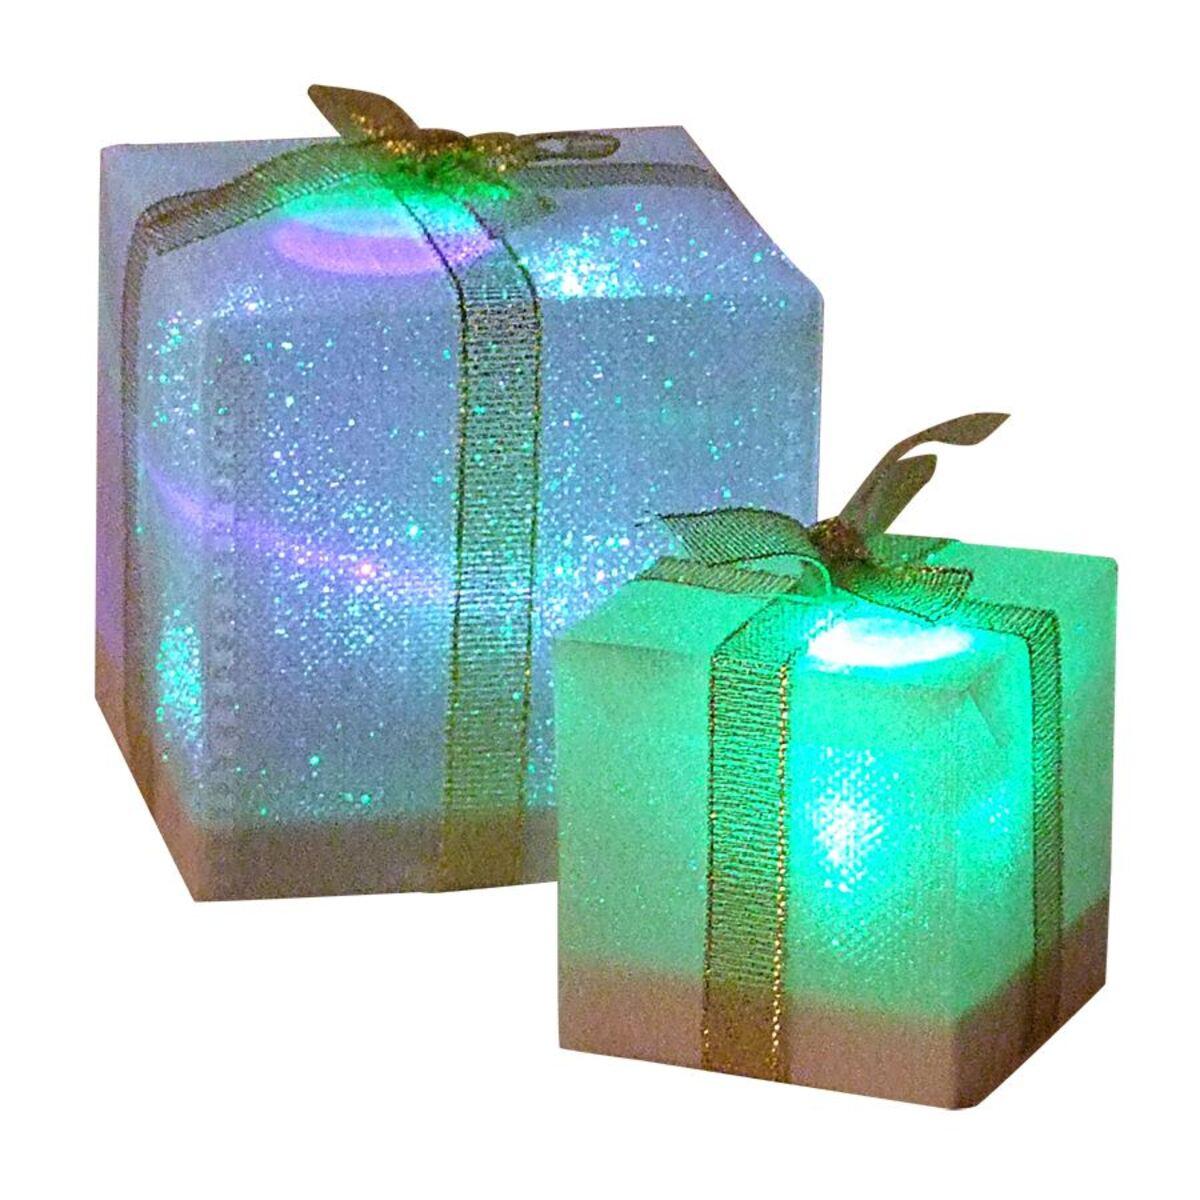 Bild 4 von LED-Geschenkpäckchen mit Farbwechsler 5cm